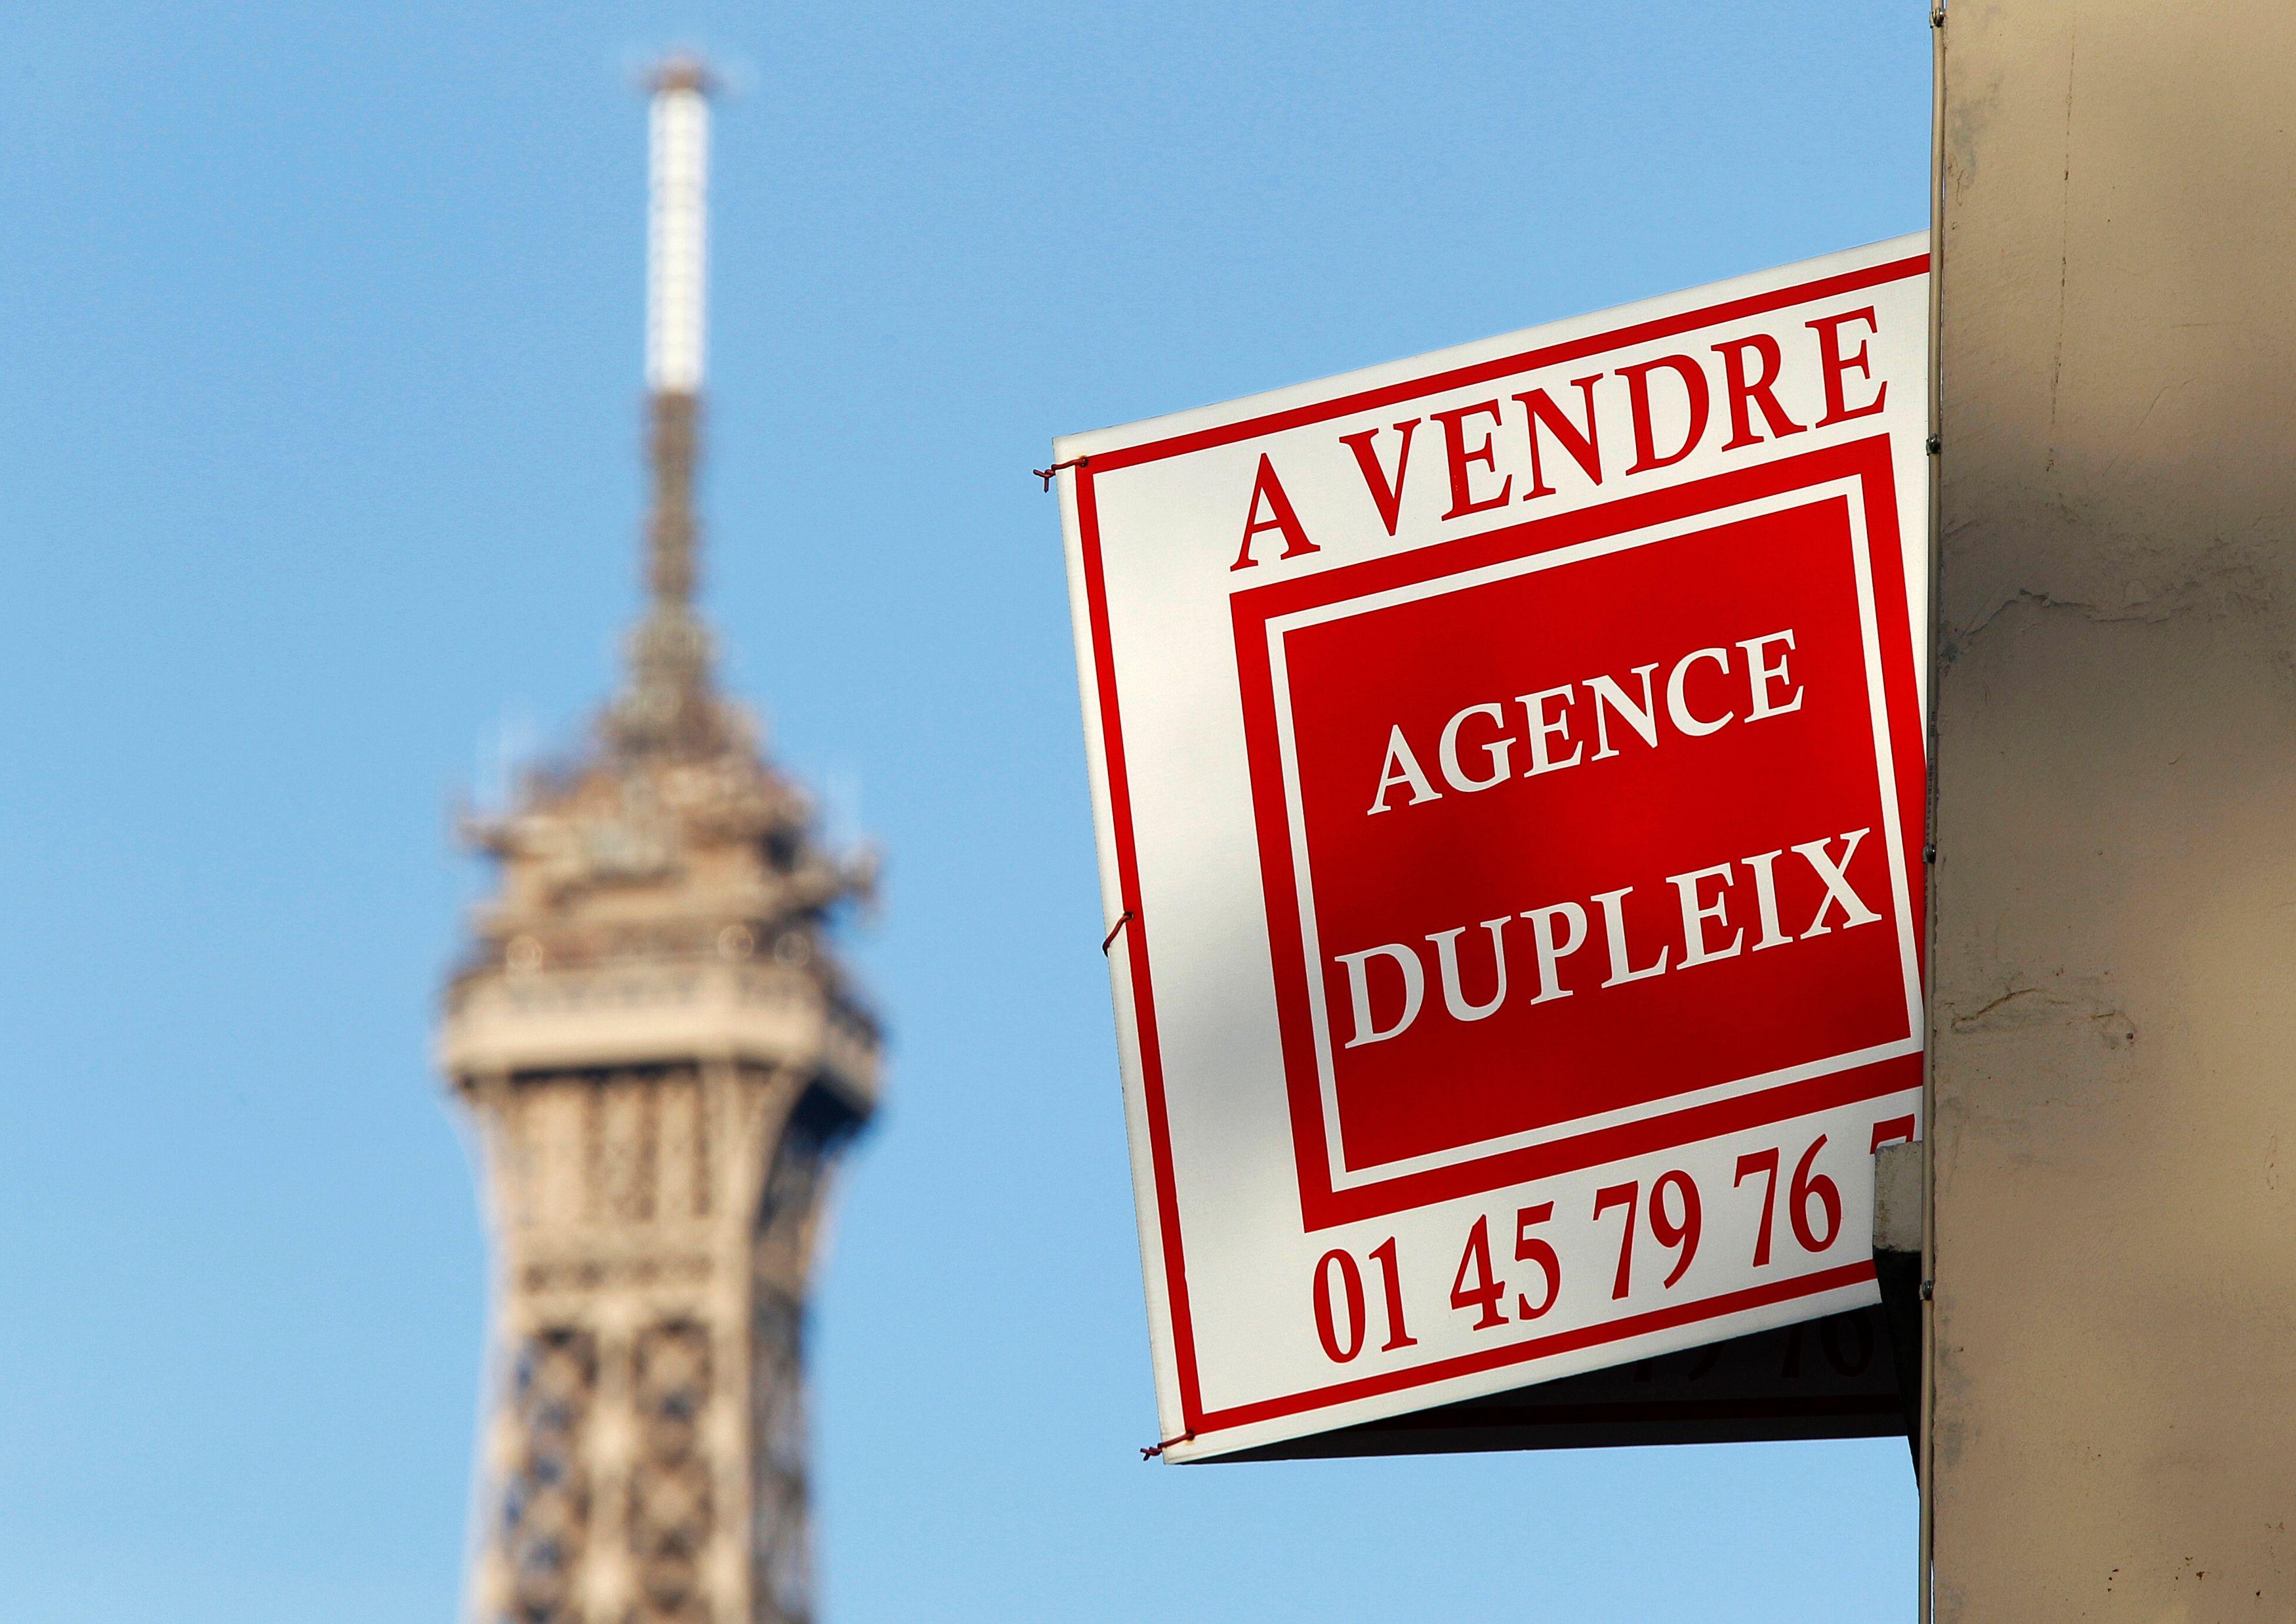 Selon le réseau Century 21, le prix des logements a baissé en 2013.